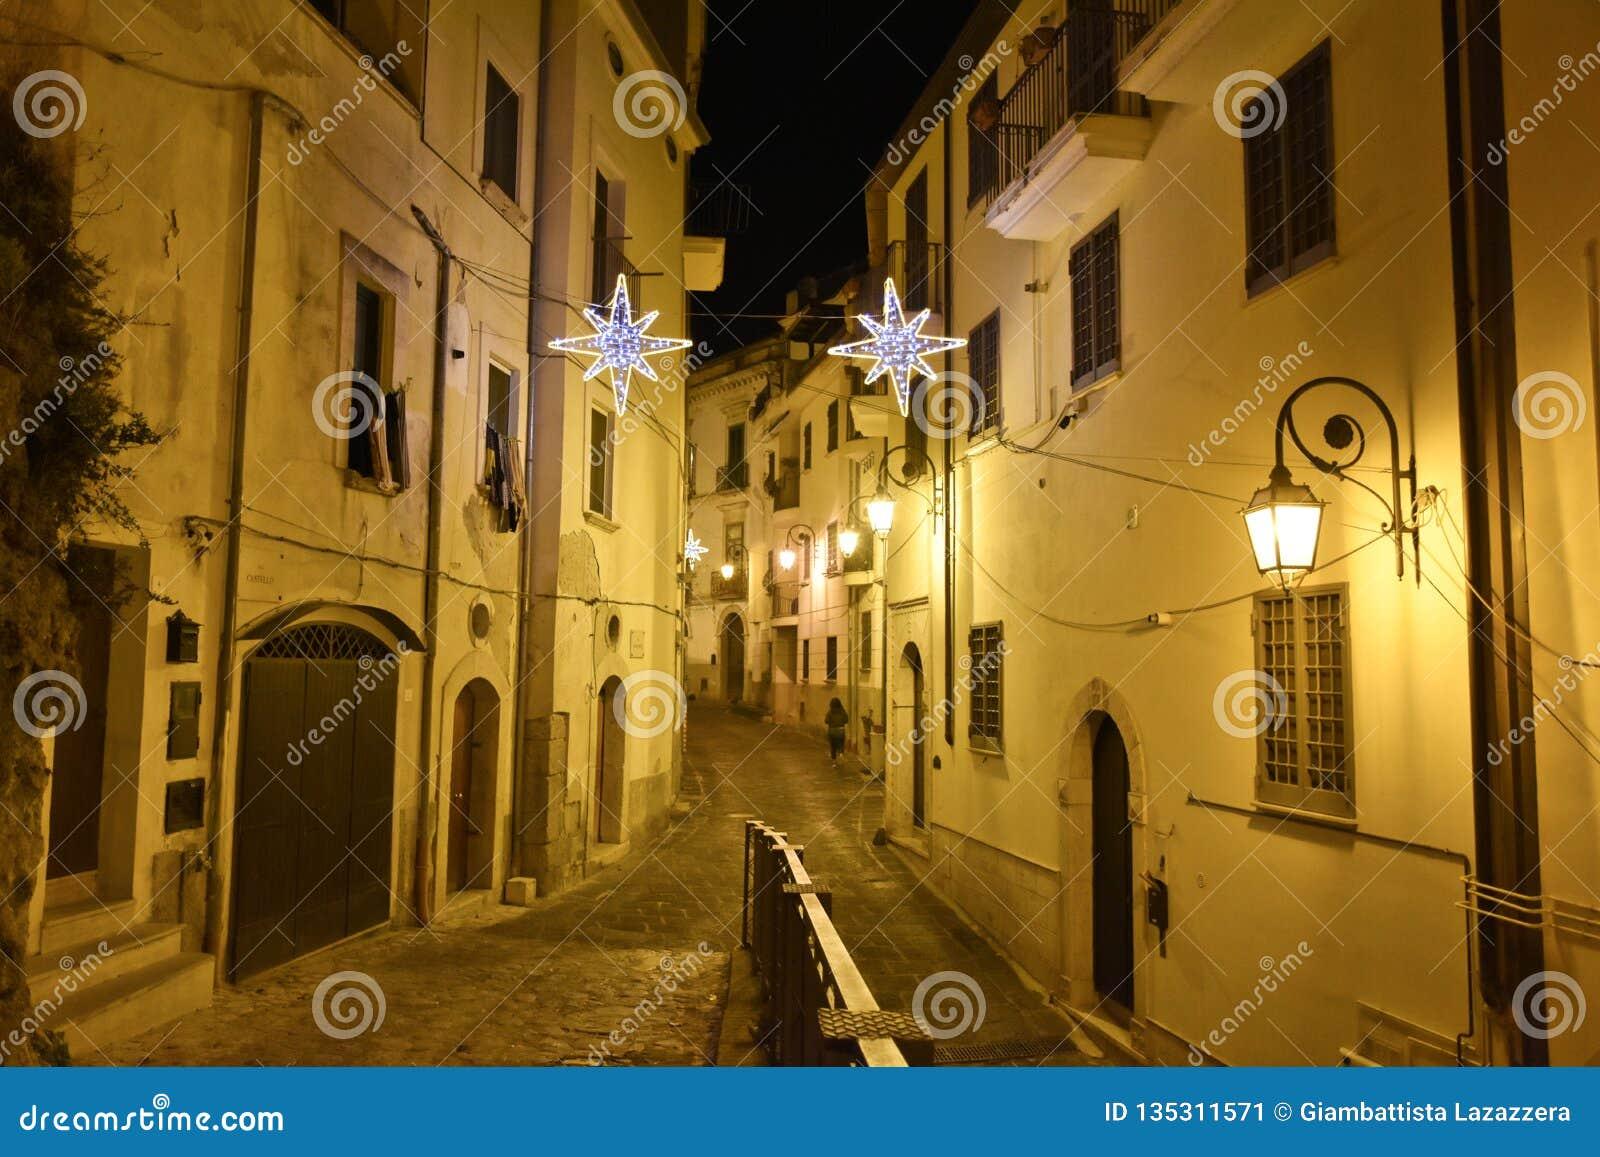 De oude stad van Eboli in zuidelijk die Italië door lichten wordt verlicht